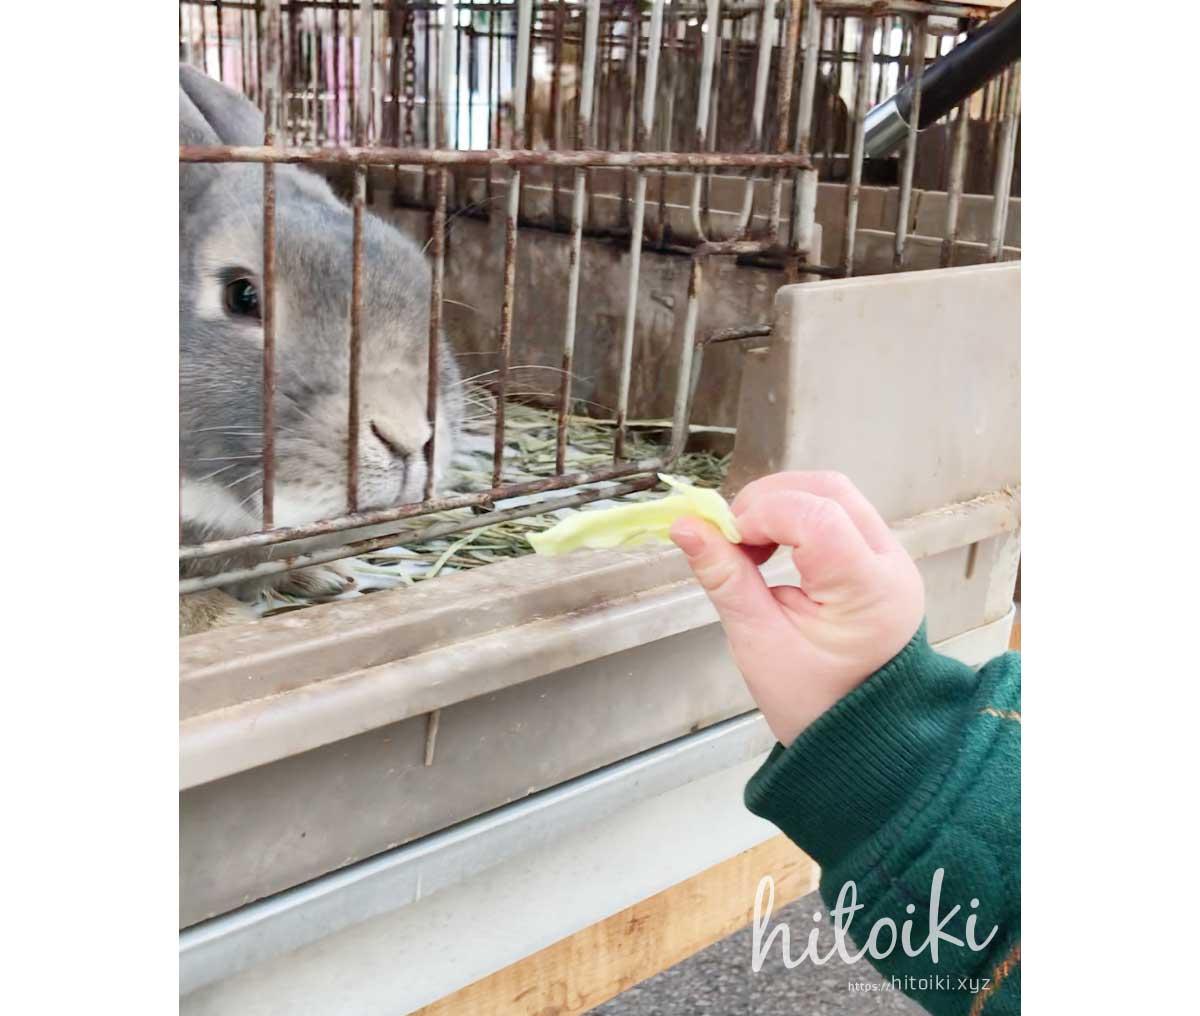 冬の牧歌の里で雪遊び!0歳児から楽しめる人気スポット!評価・評判・レビュー・口コミ・クチコミ・アクセス方法をまとめた!  ウサギ小屋の兎に餌やり体験 うさぎの餌 gifu_hiruganokogen-bokka-no-sato_03